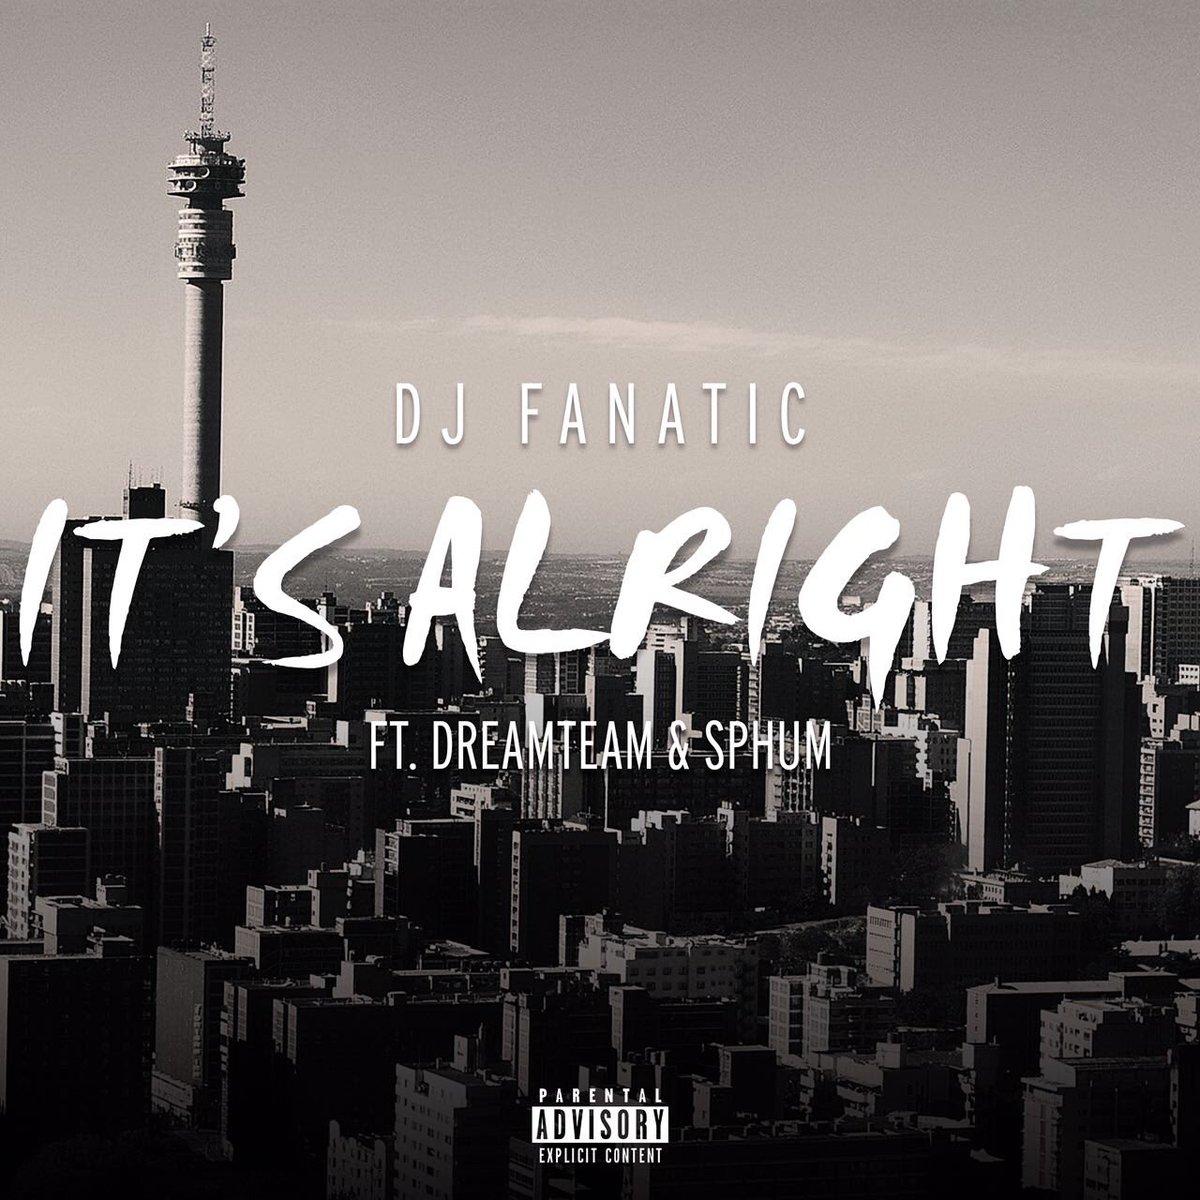 dj-fanatic